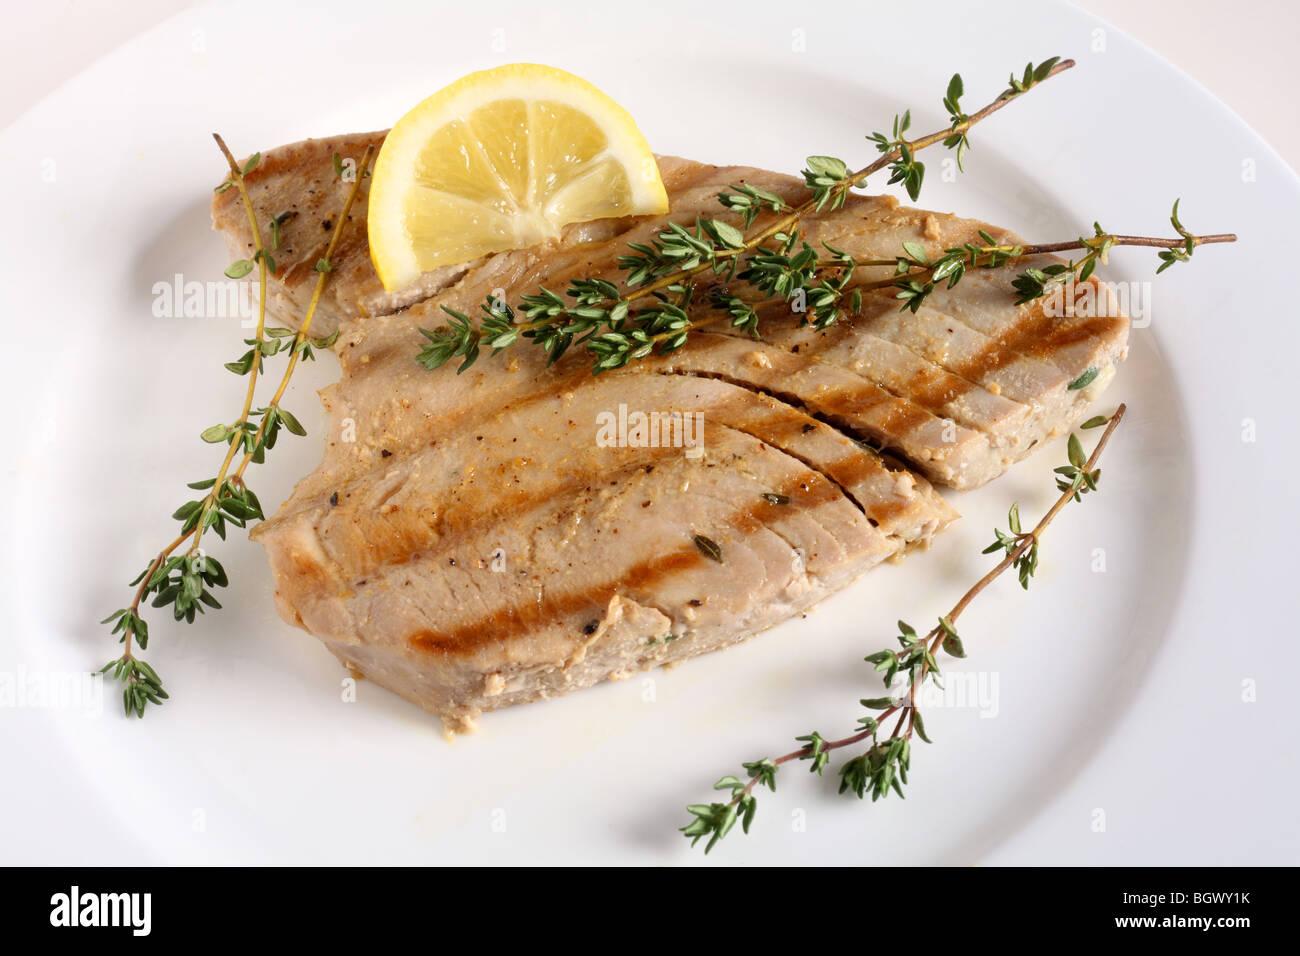 Una grigliata di bistecca di tonno, guarnita con rametti di timo, su una piastra con un cuneo di limone Immagini Stock